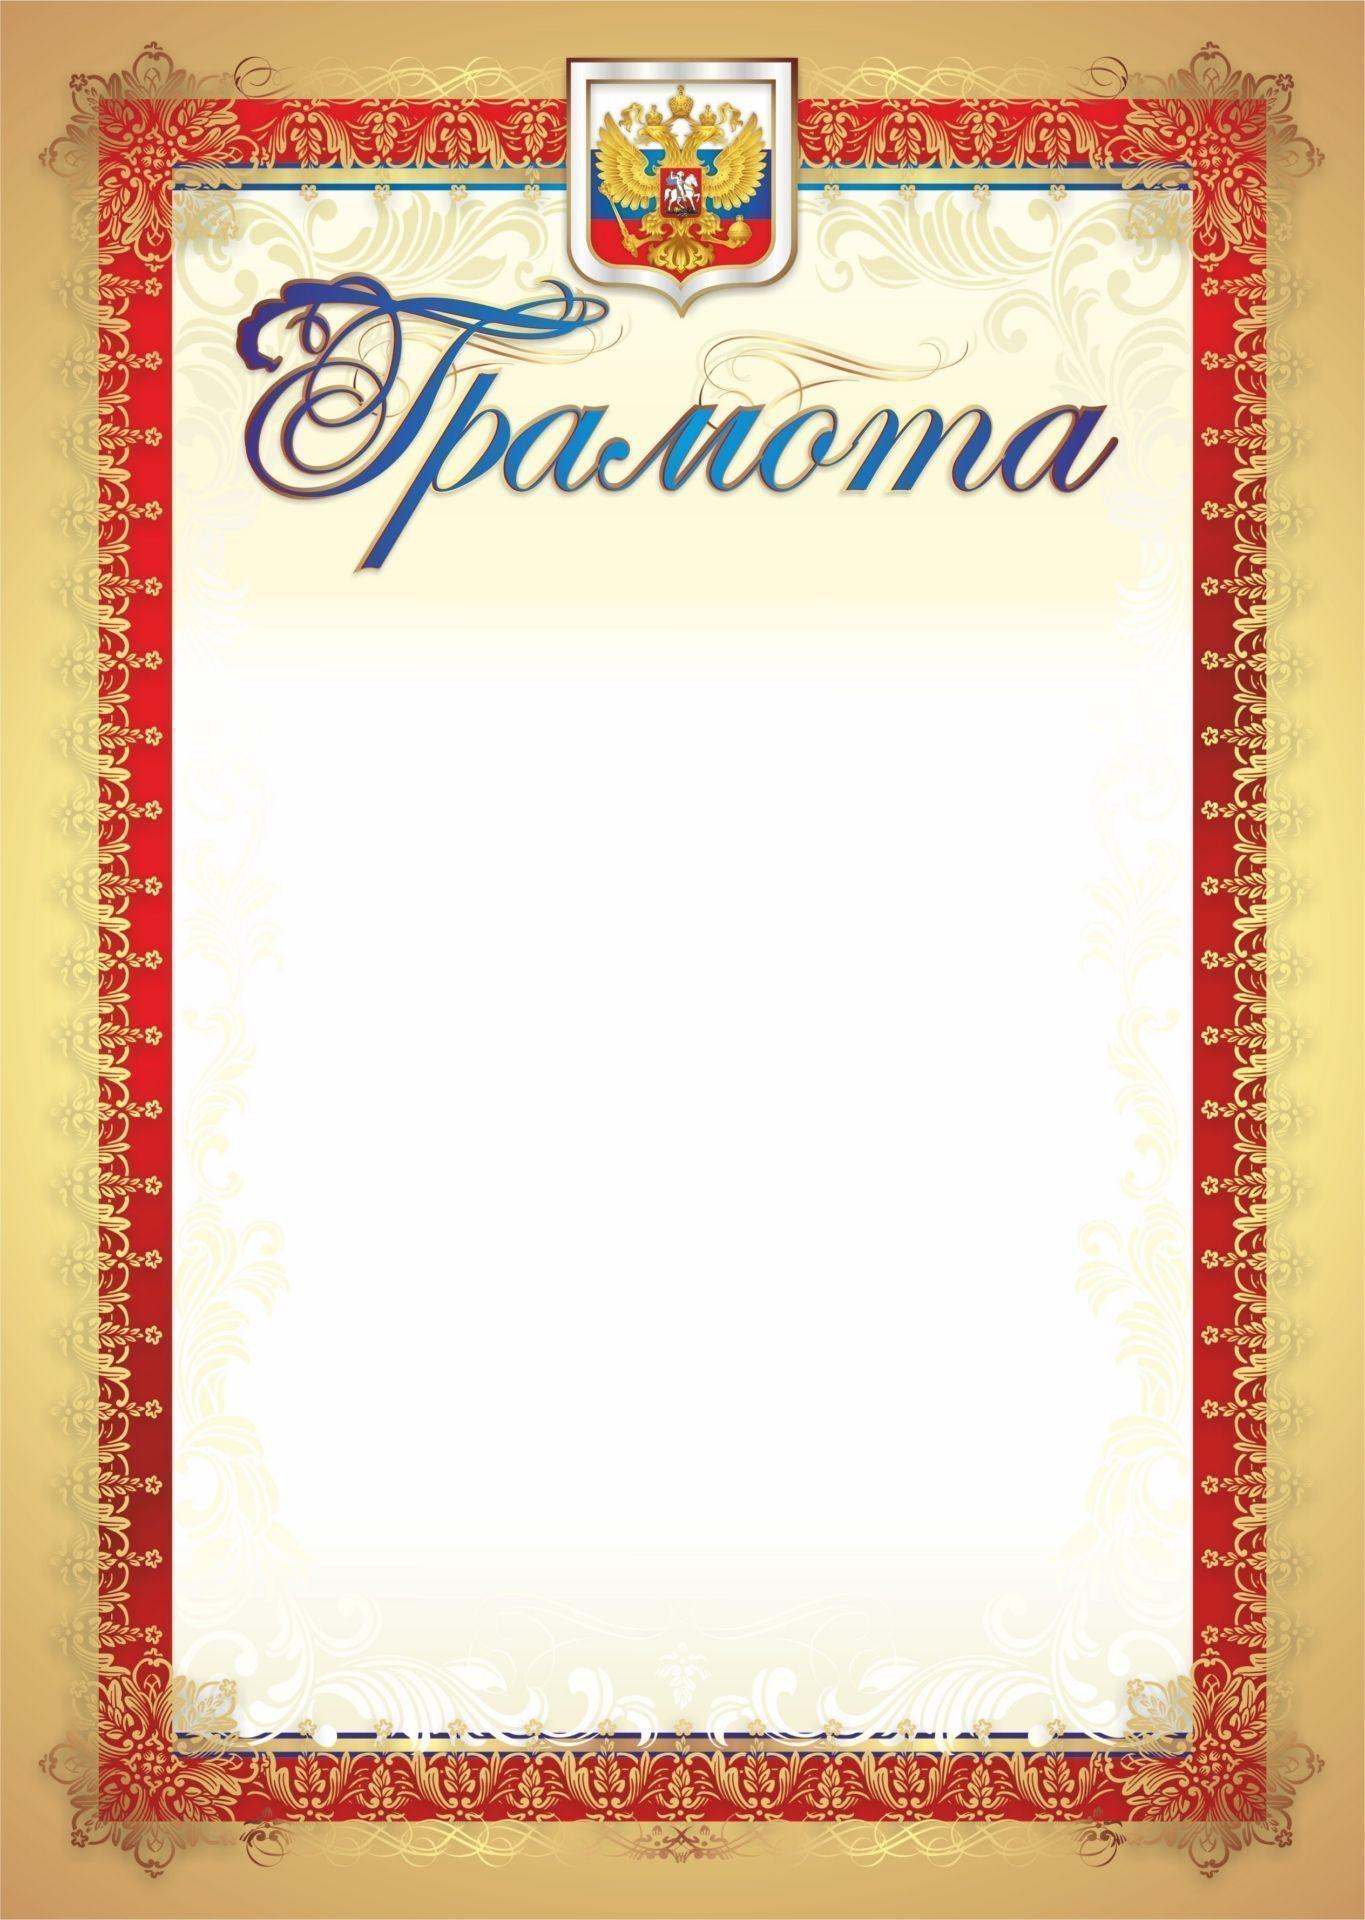 Грамота (с гербом и флагом, вертикальная)